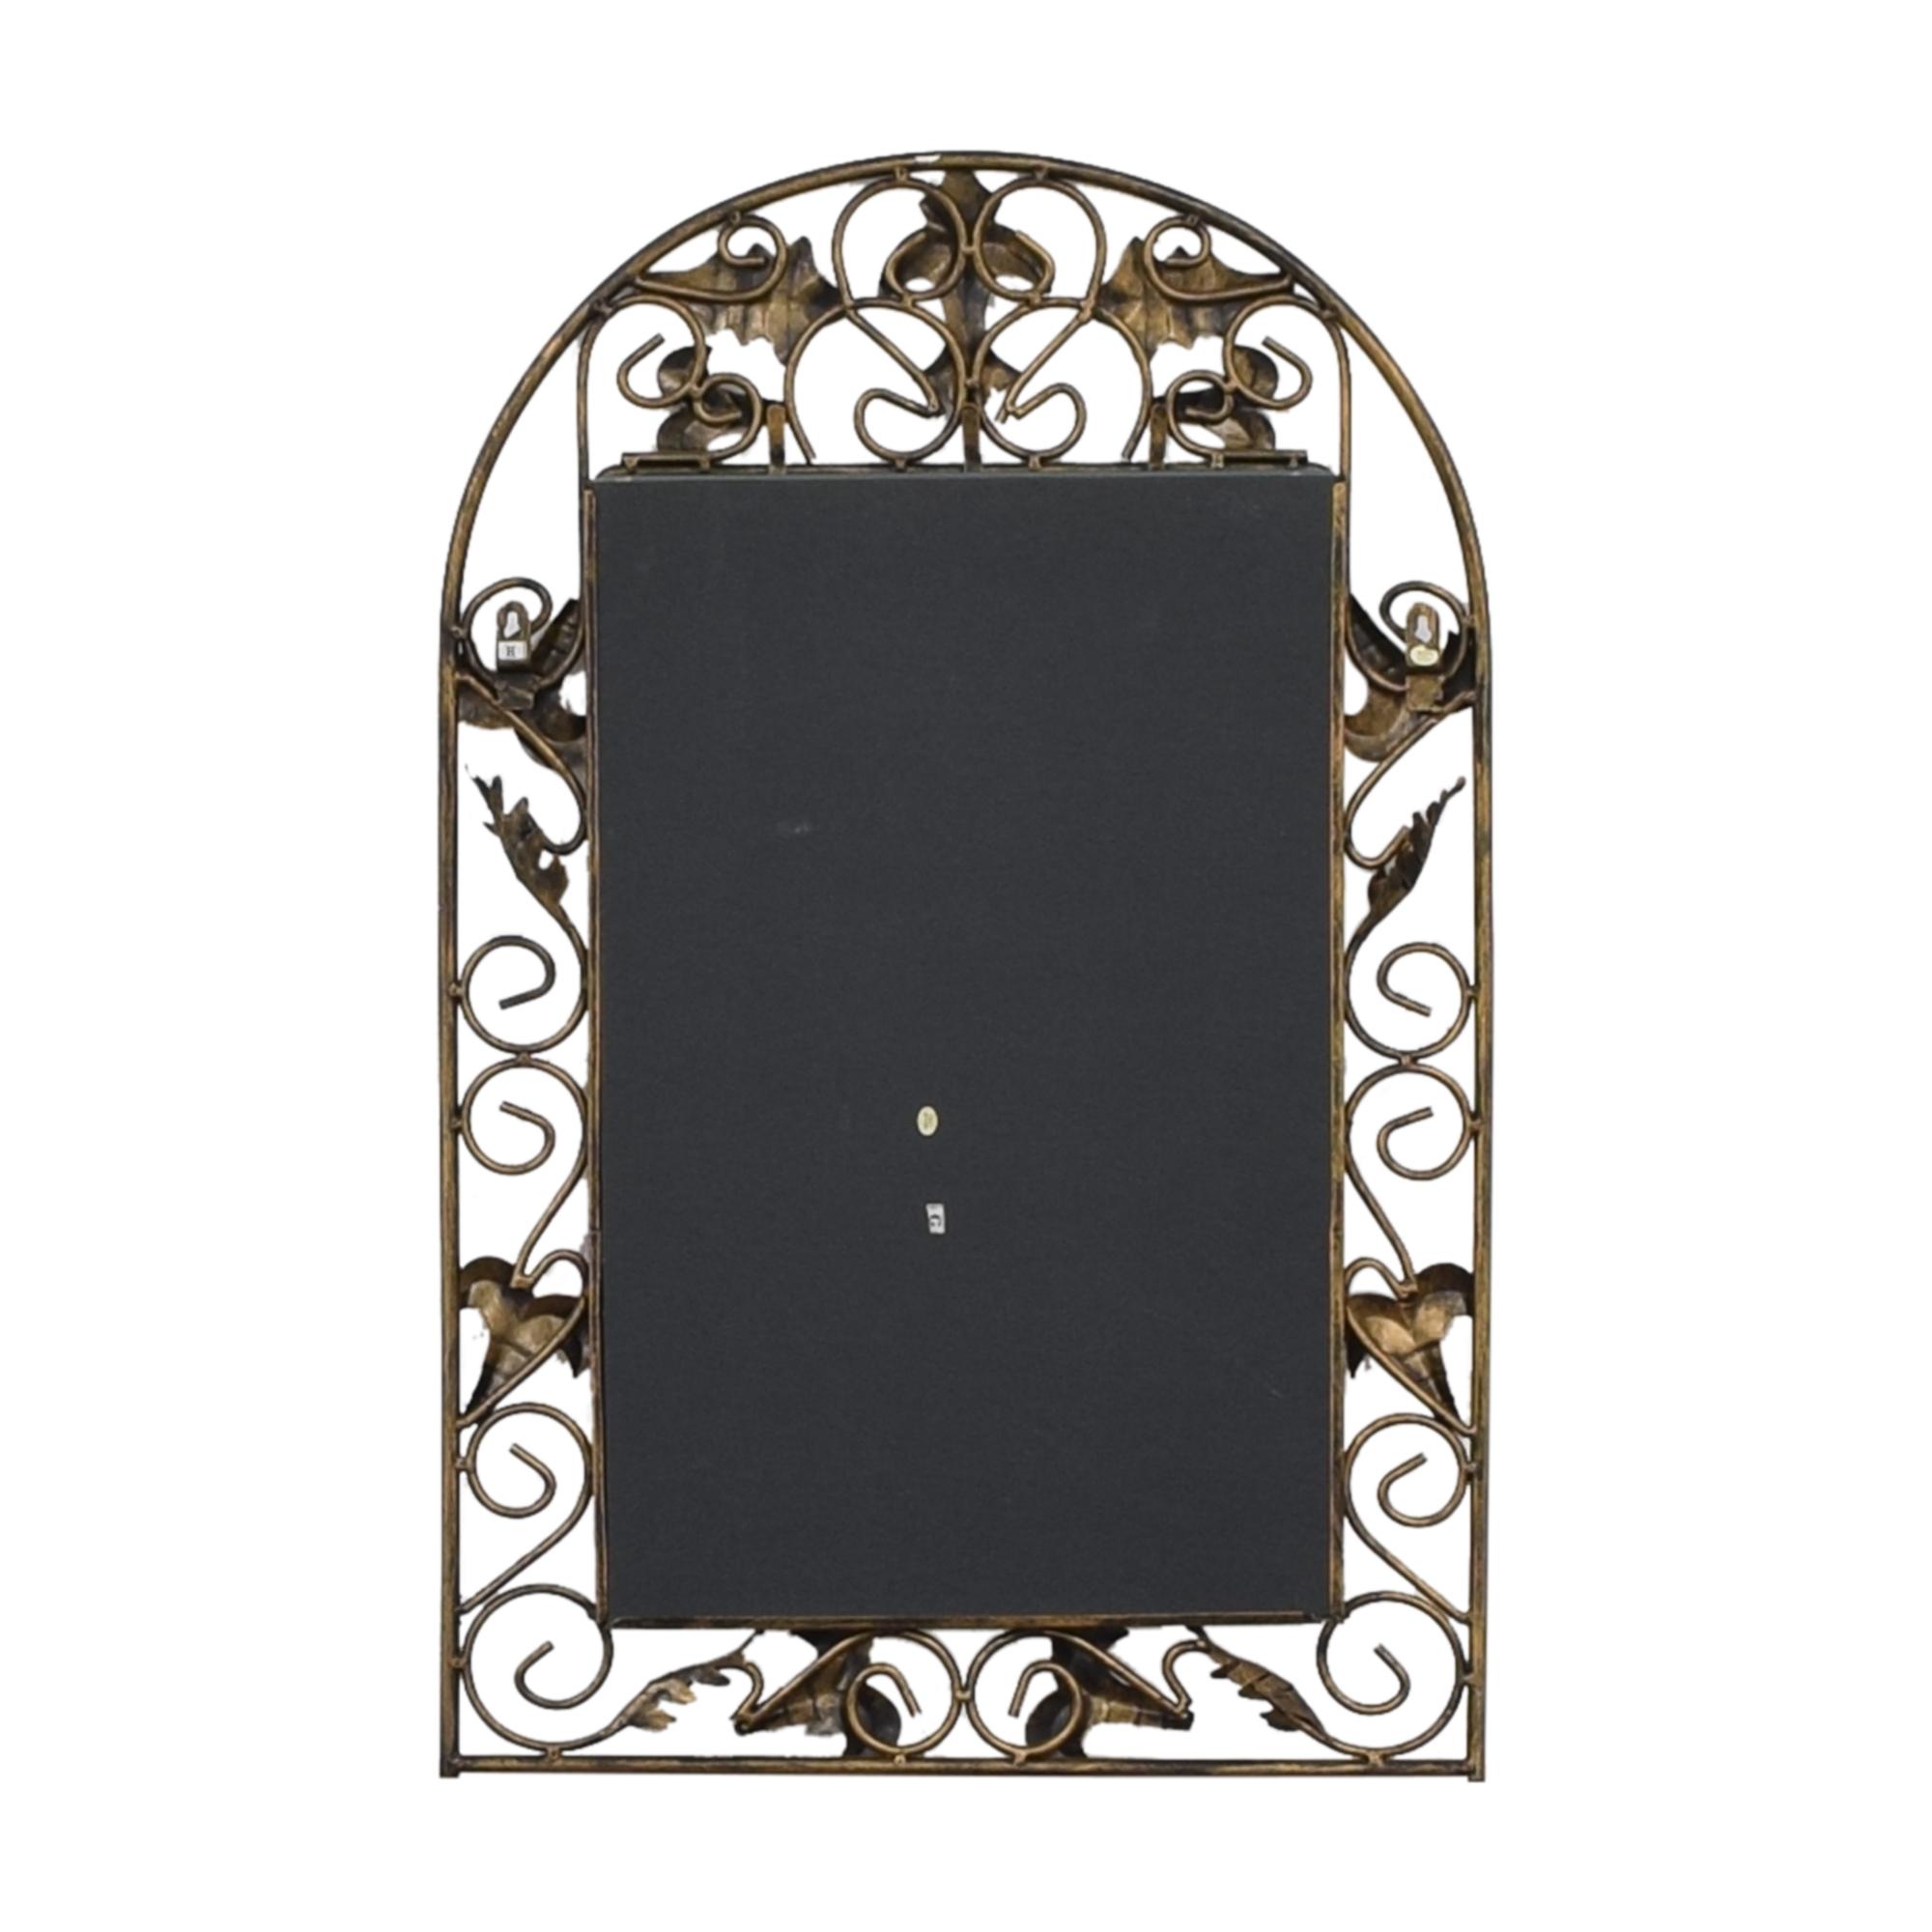 Anthropologie Anthropologie Decorative Arch Mirror Decor